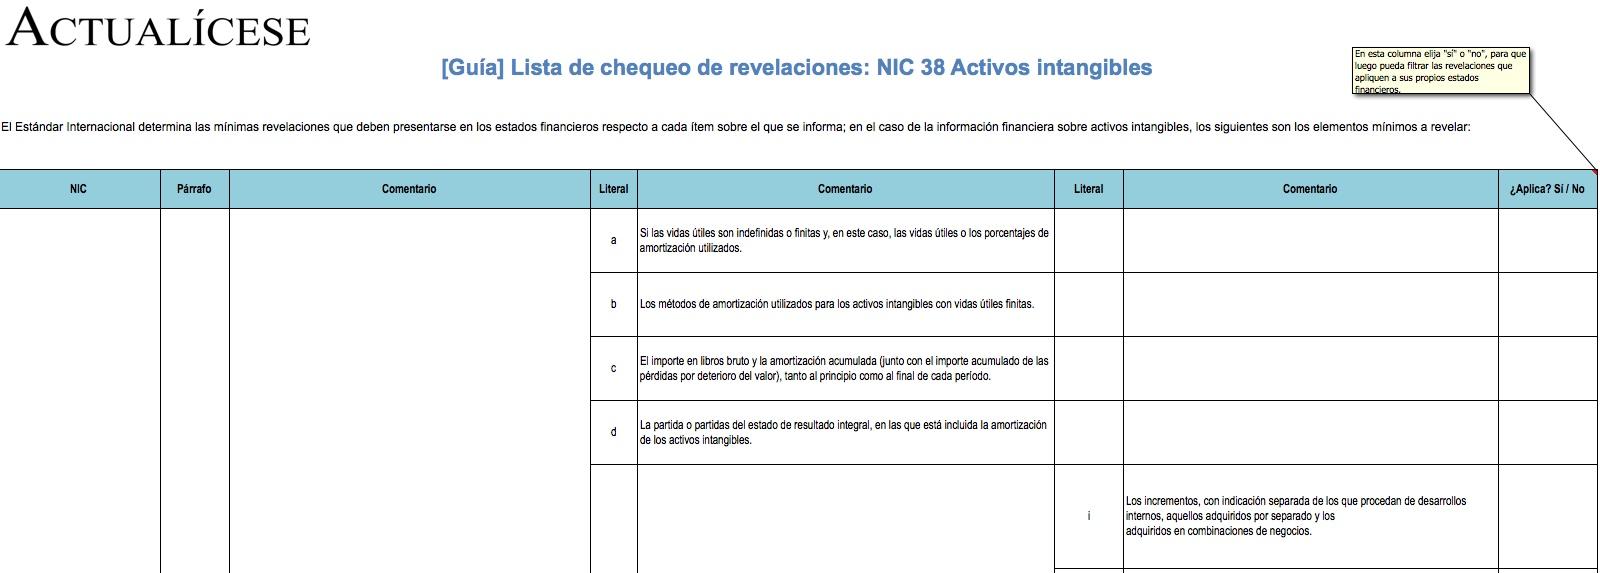 [Guía] Lista de chequeo de revelaciones: NIC 38 Activos intangibles